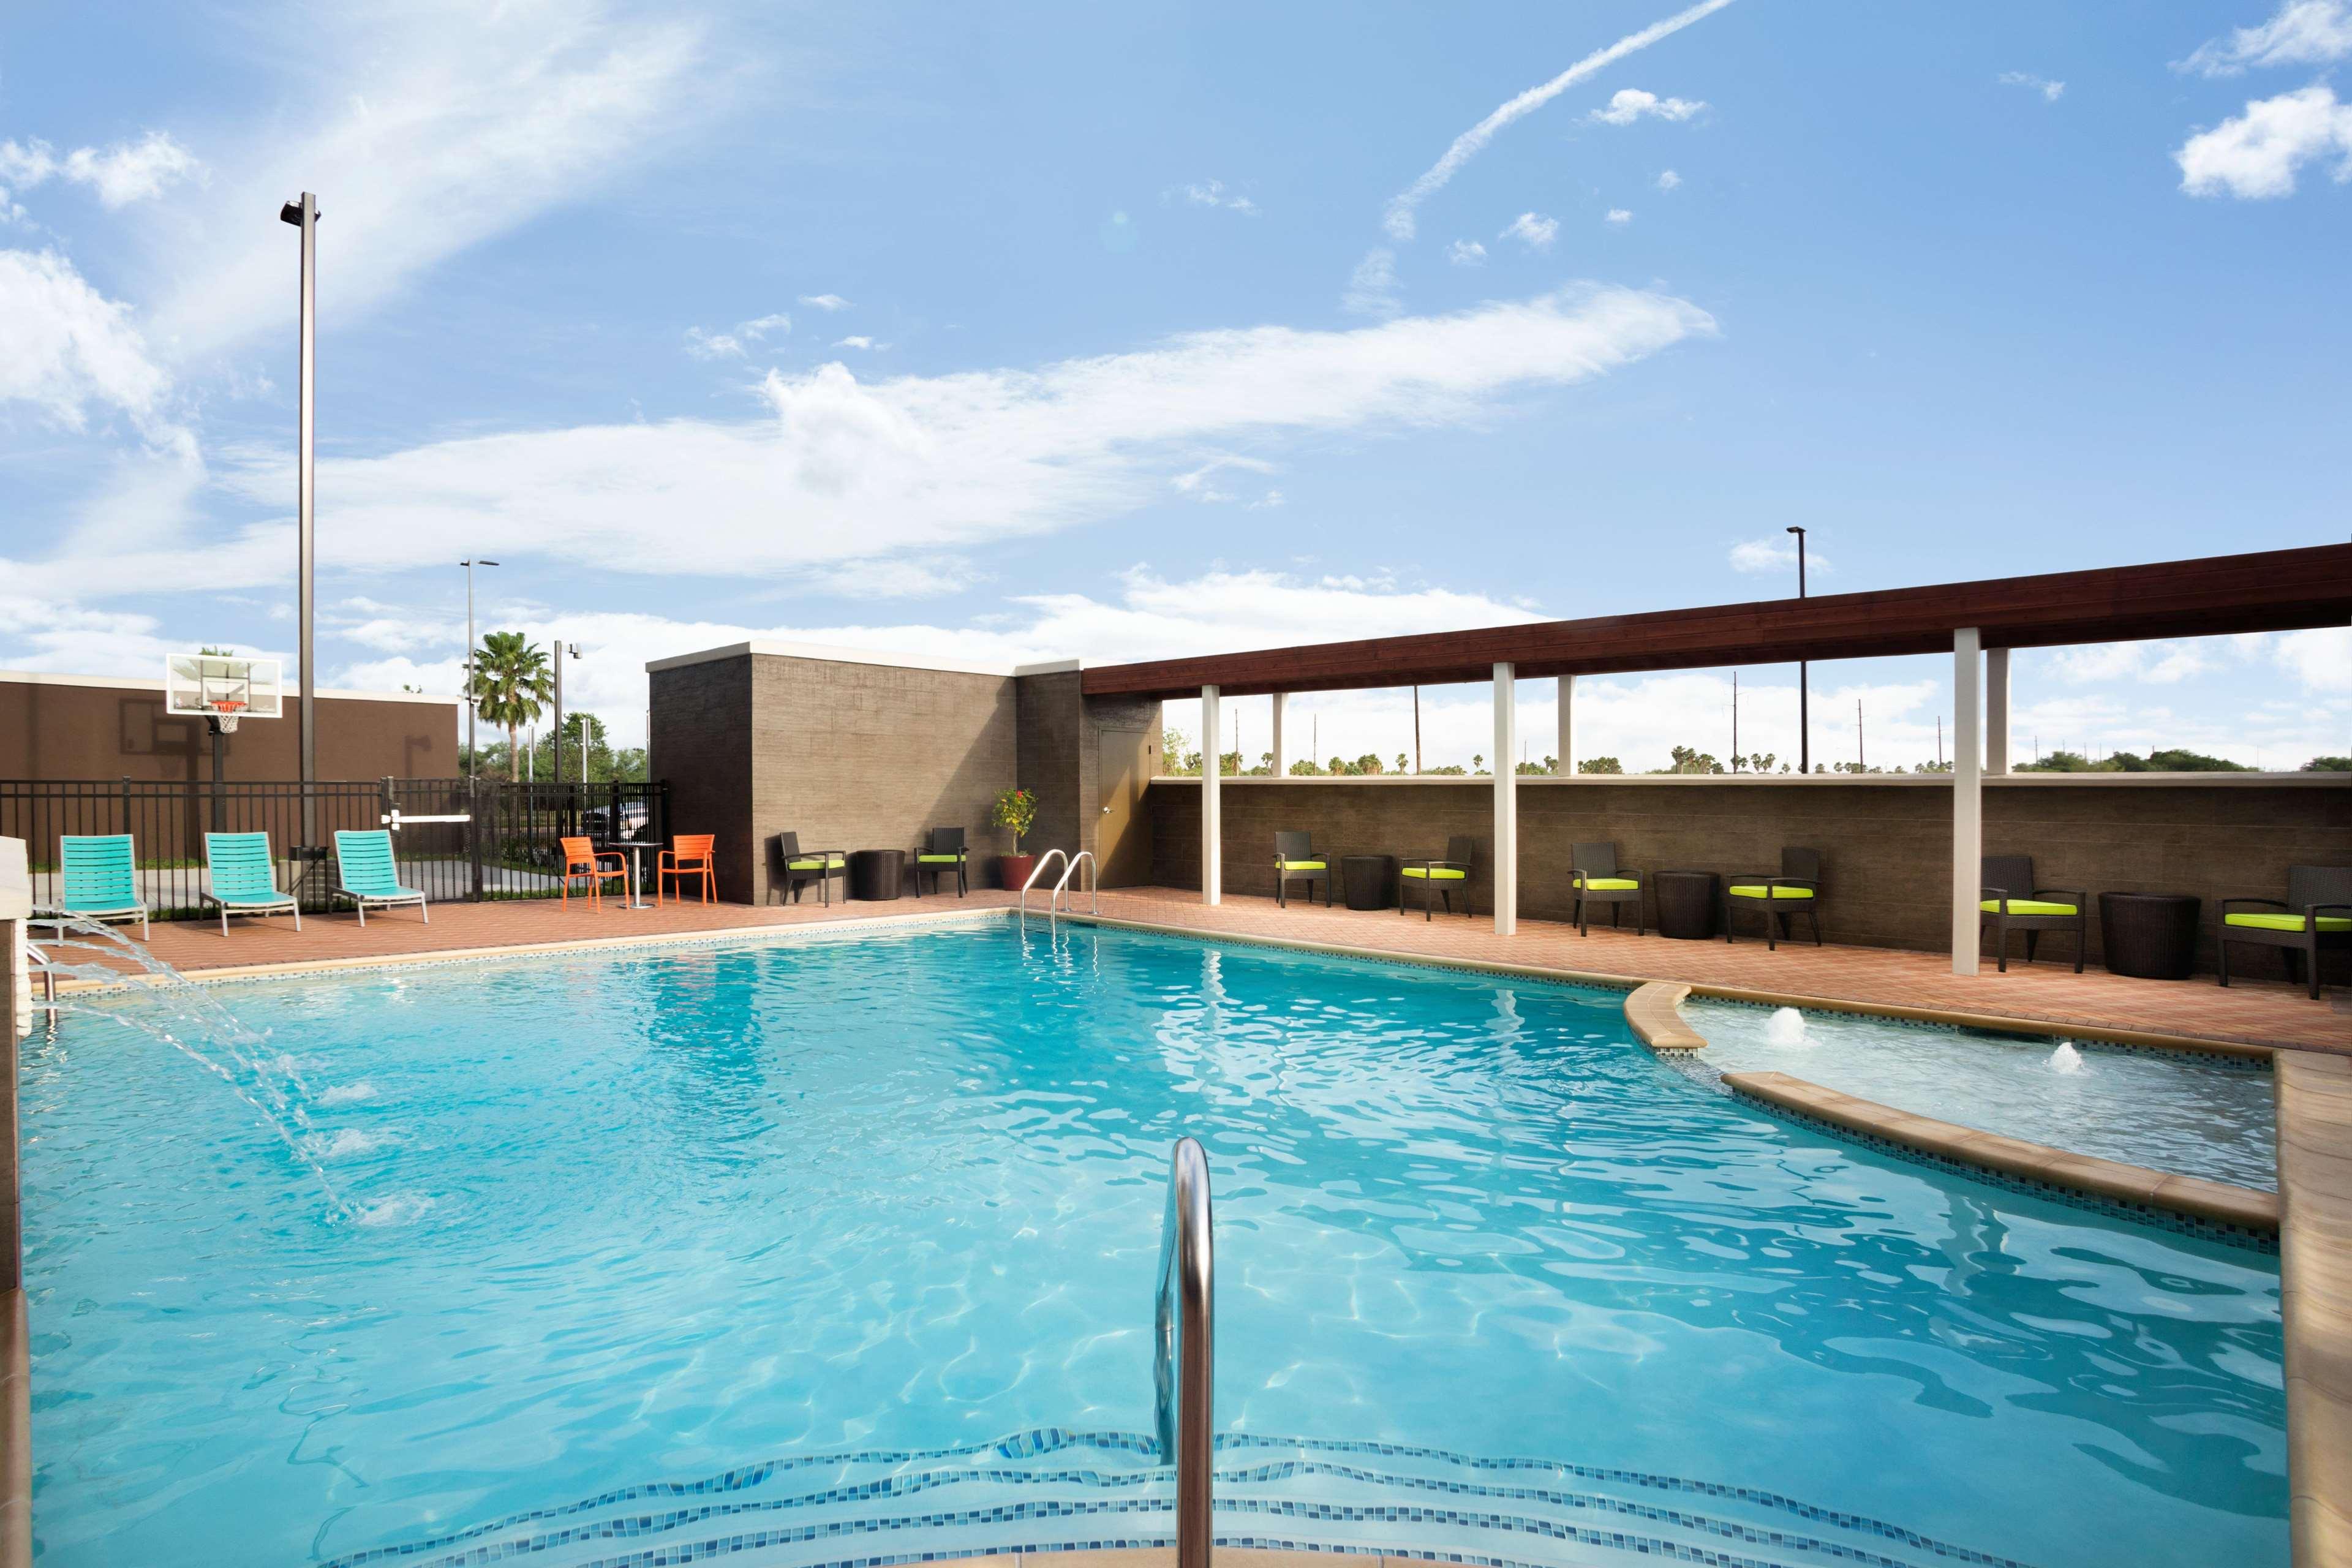 Home2 Suites by Hilton McAllen image 9